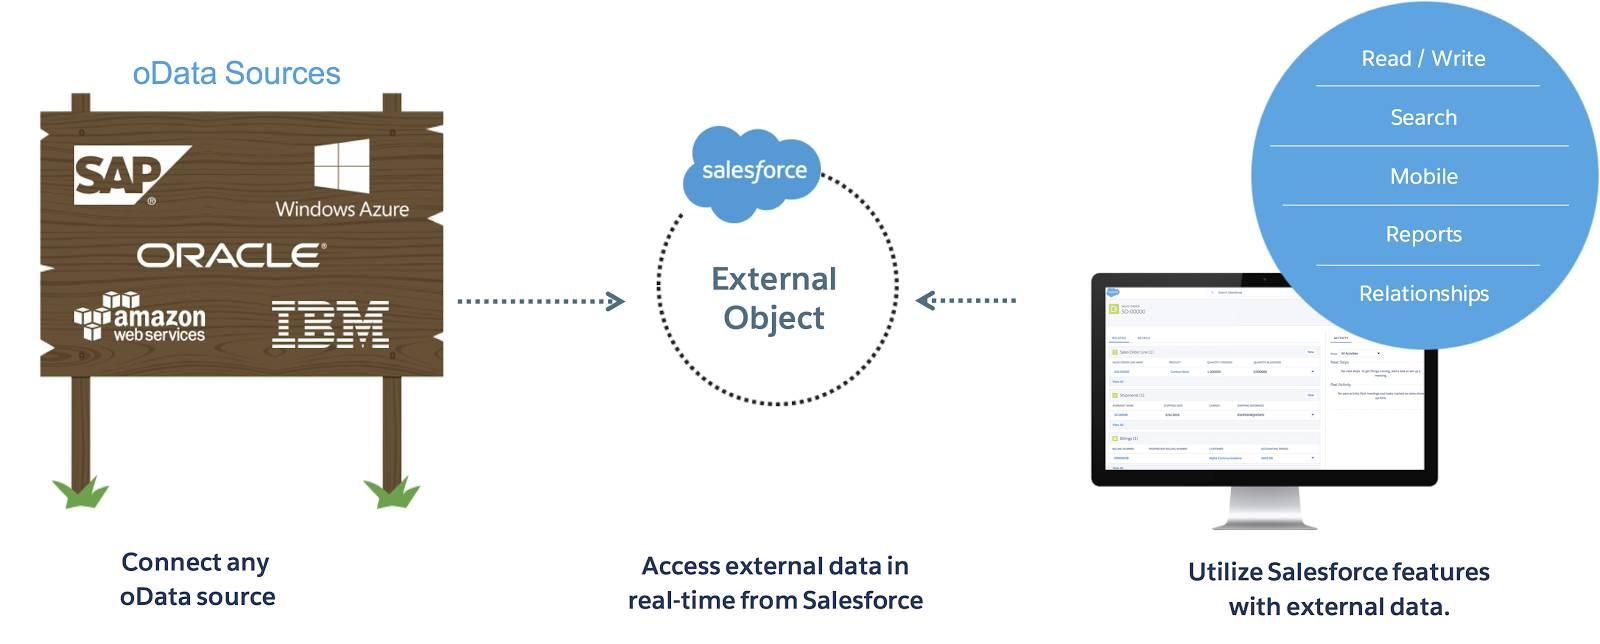 Infografik, die ein externes Salesforce-Objekt zeigt, das mit OData-Quellen wie IBM und Oracle und Salesforce-Funktionen wie Suche, Berichterstellung und Beziehungen verbunden ist.